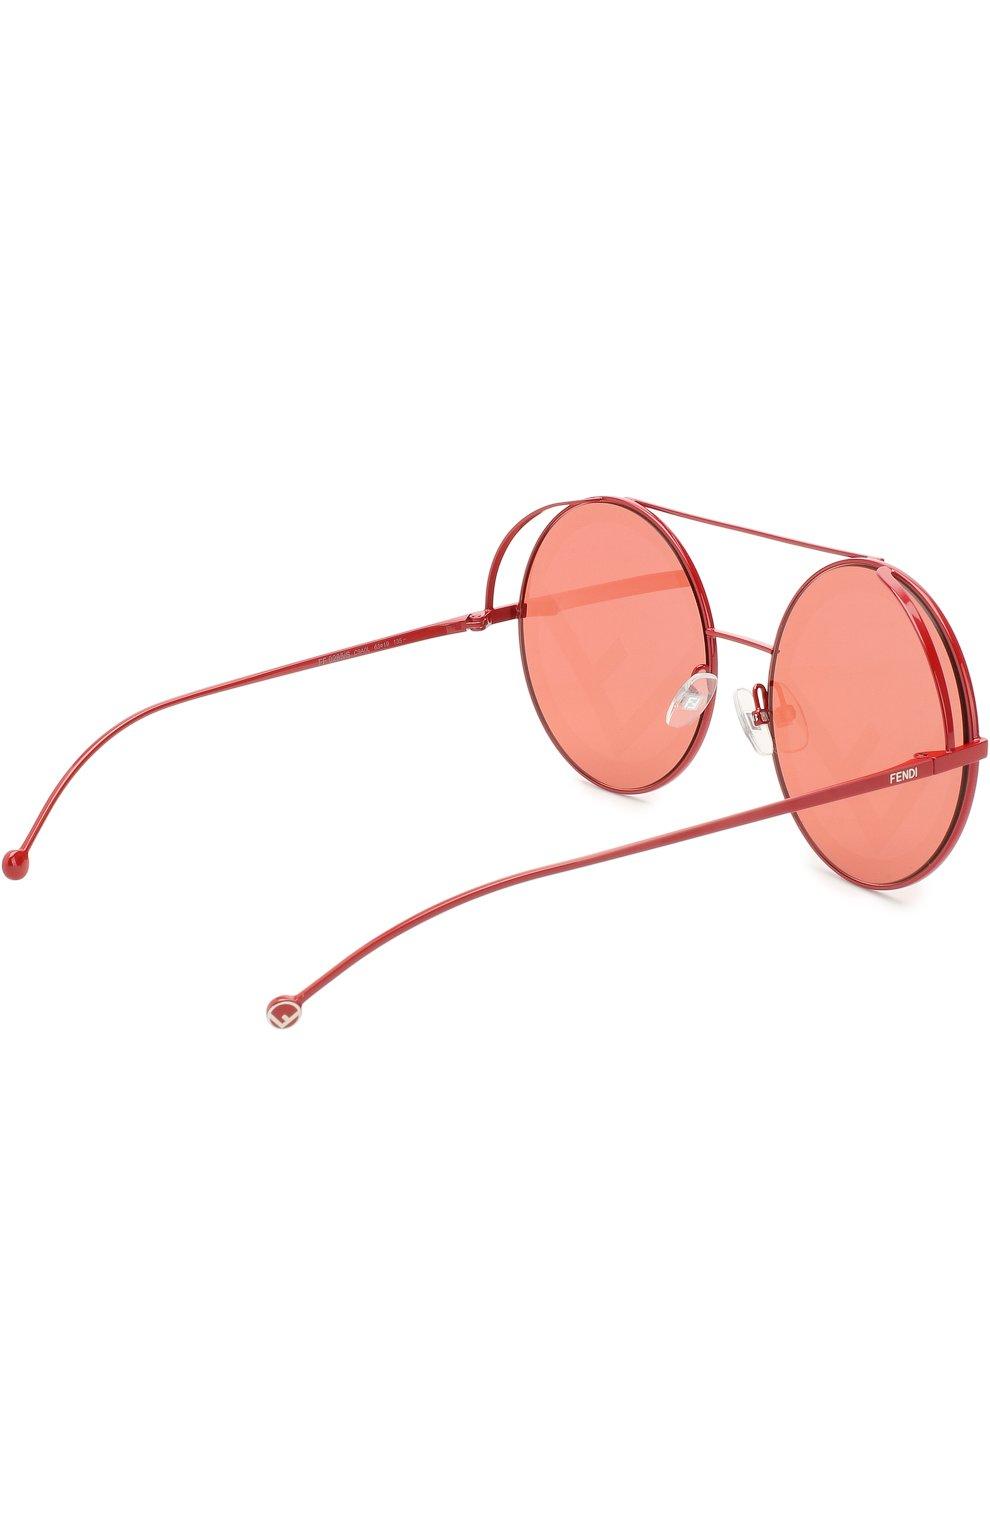 Женские солнцезащитные очки FENDI красного цвета, арт. 0285 C9A | Фото 3